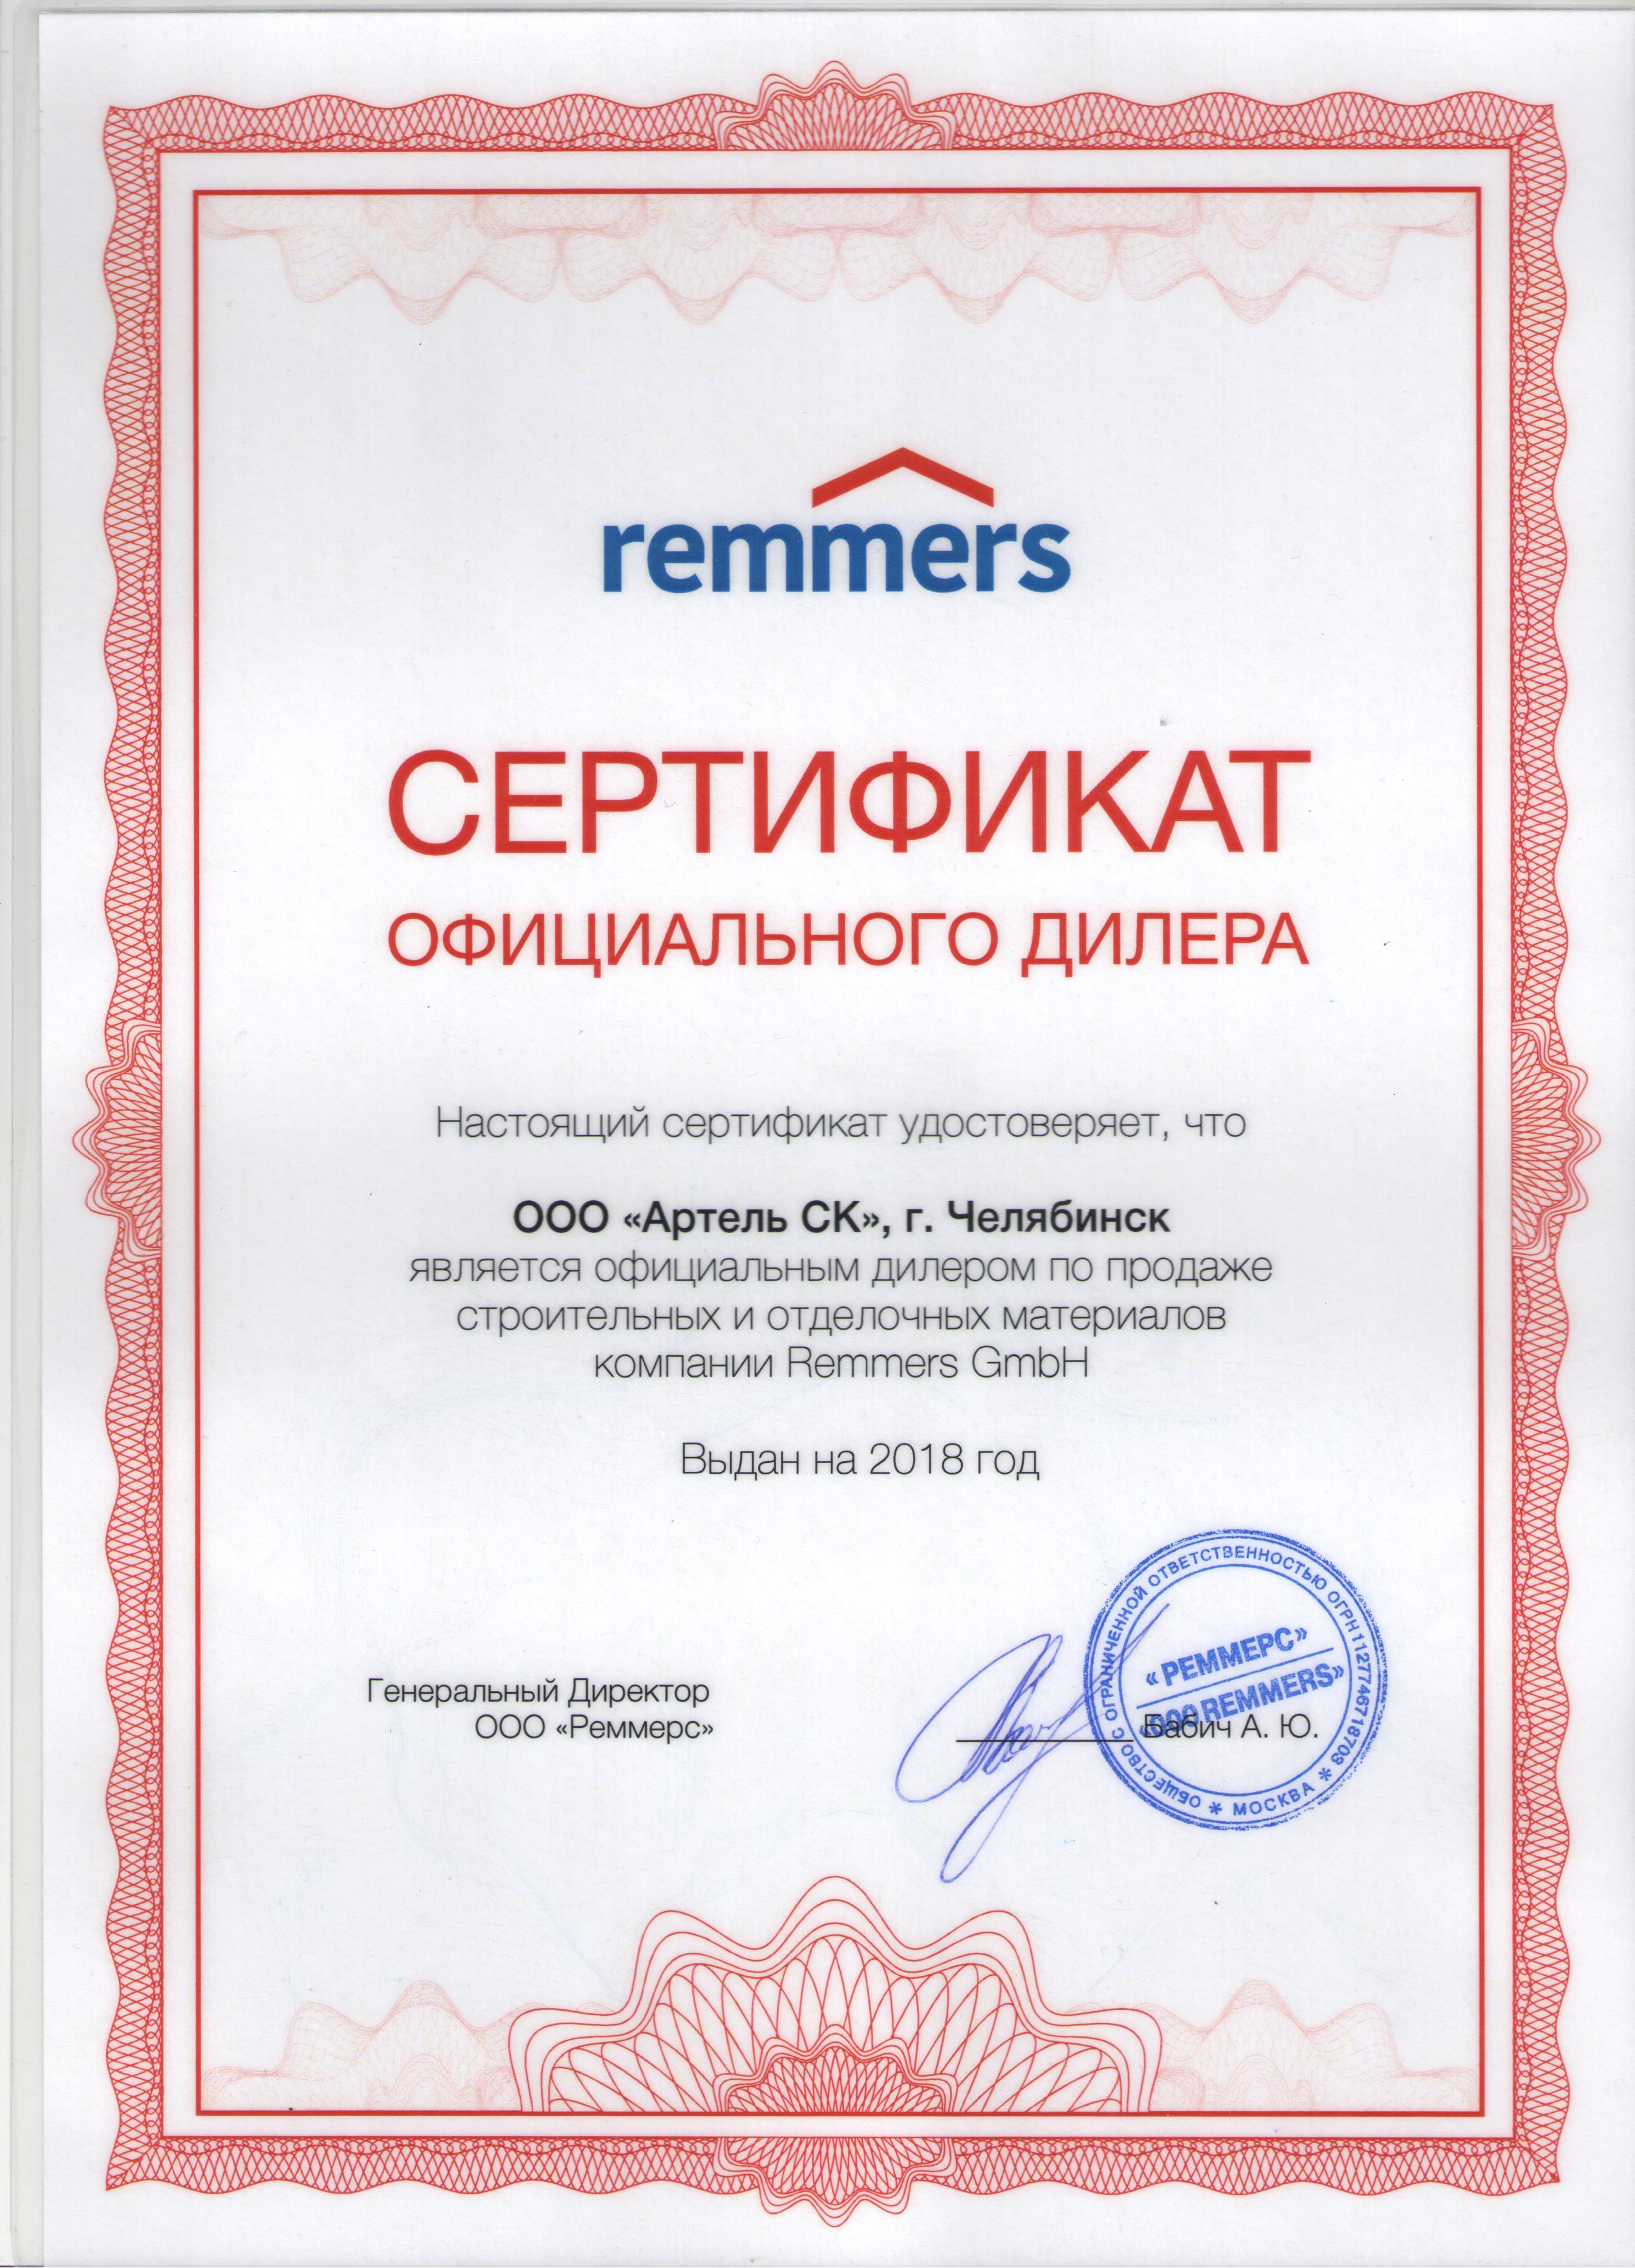 Сертификат дилера Реммерс